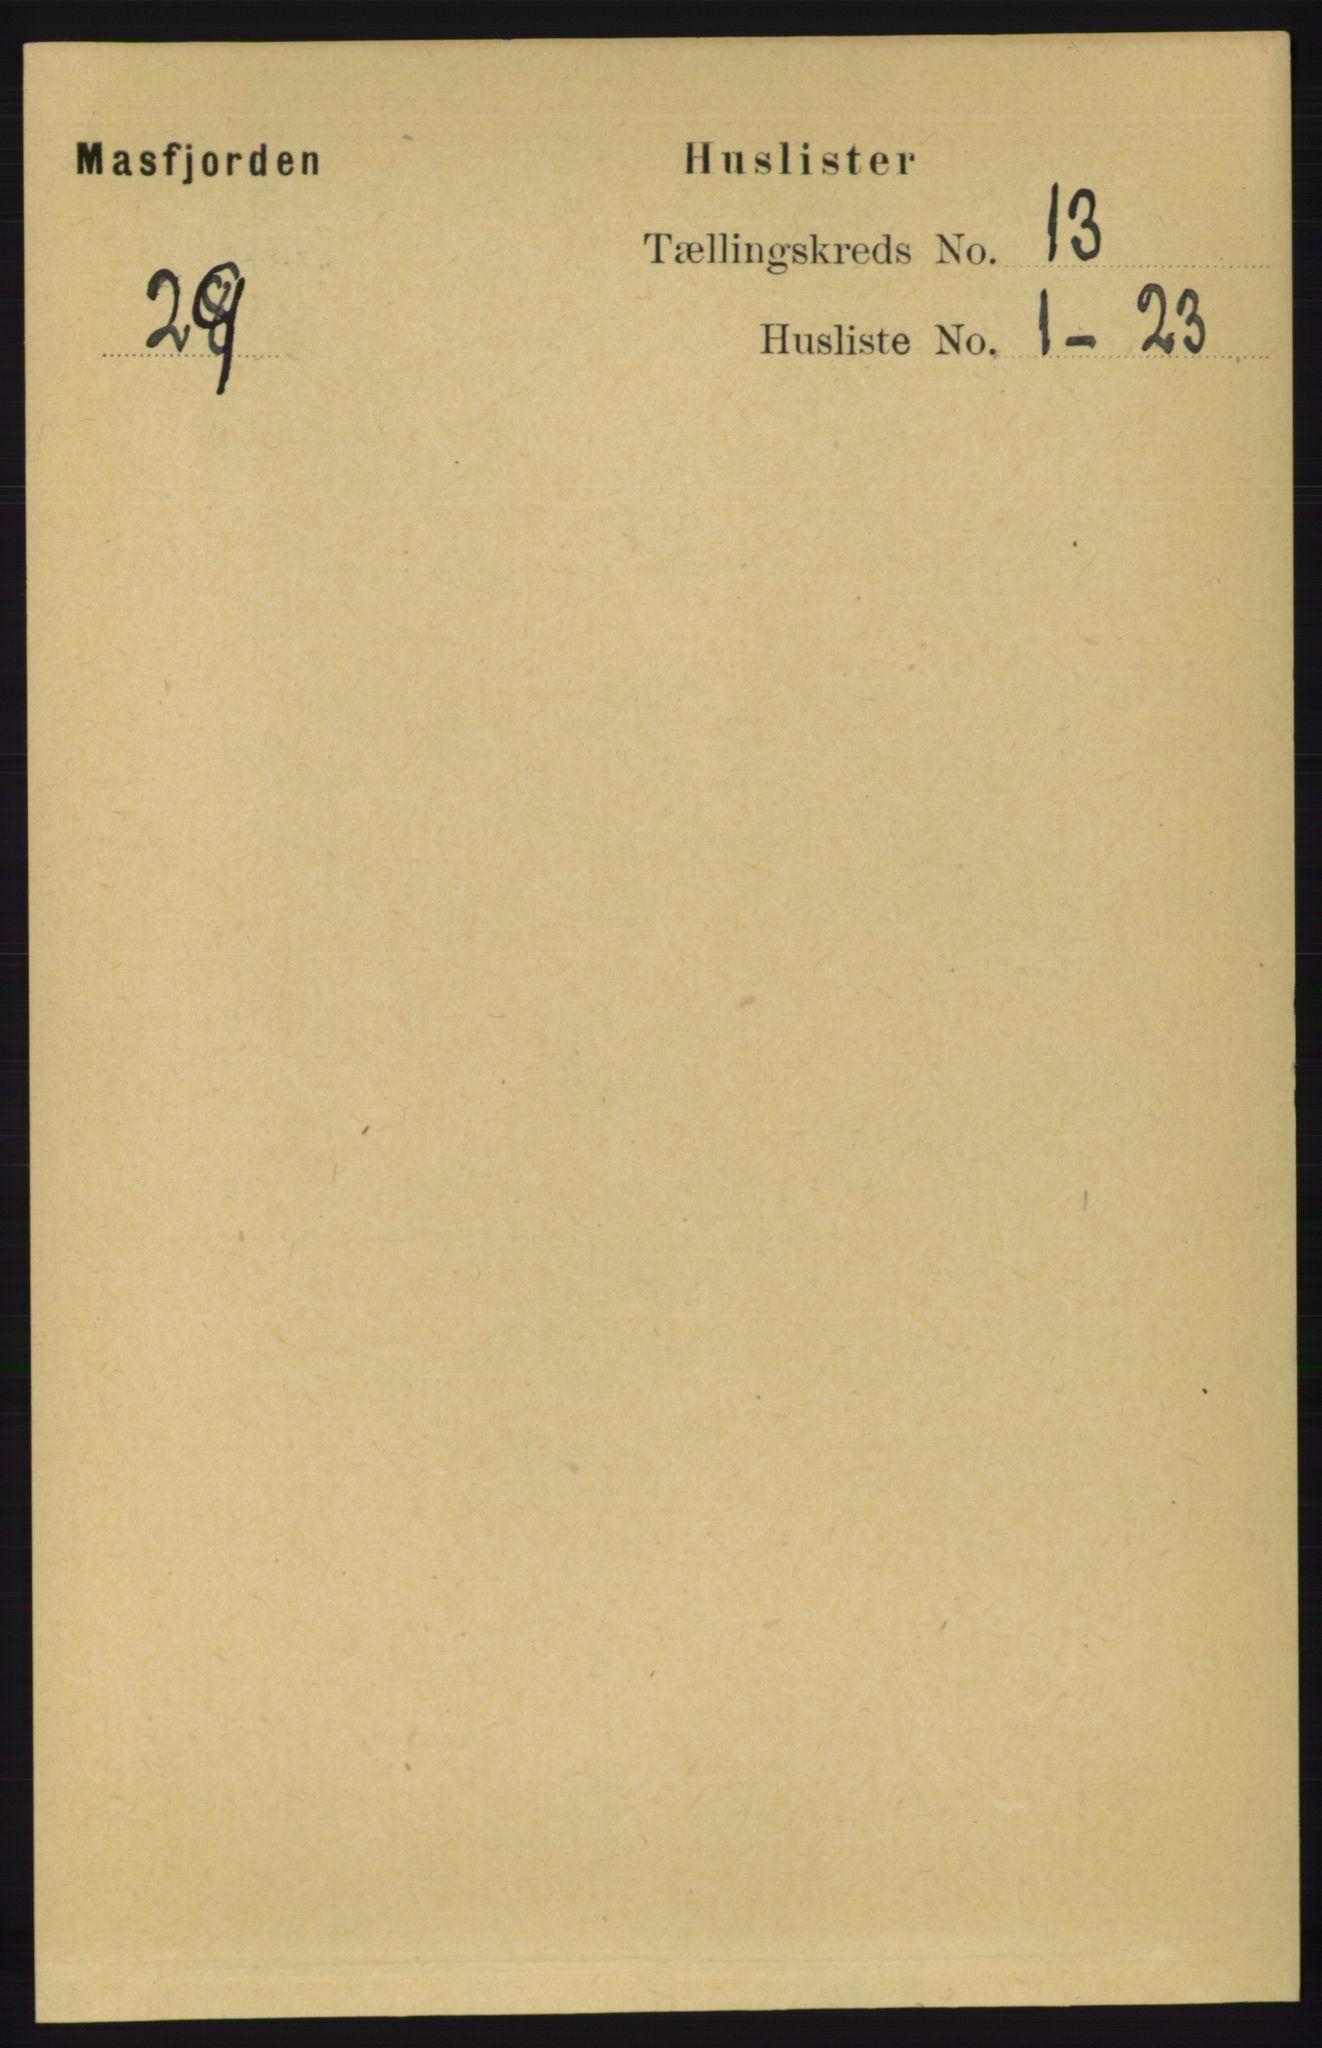 RA, Folketelling 1891 for 1266 Masfjorden herred, 1891, s. 2602